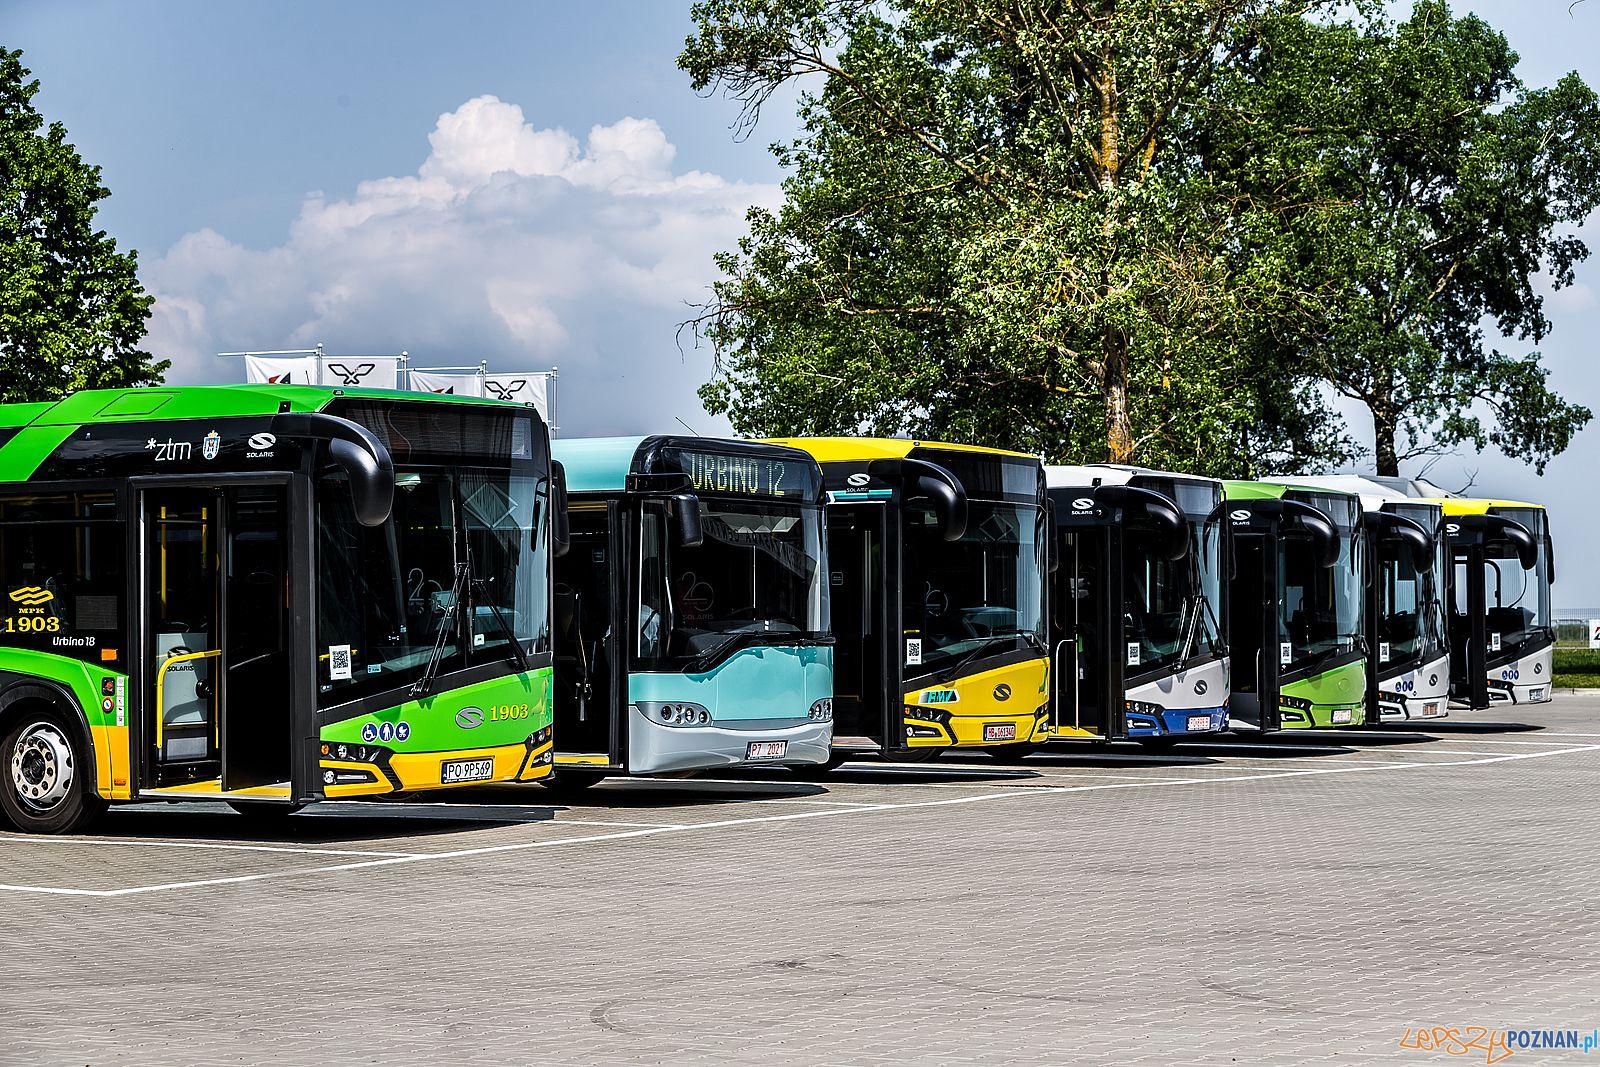 Solaris - flota pojazdów  Foto: amjphotography.pl / Solaris - materiały prasowe